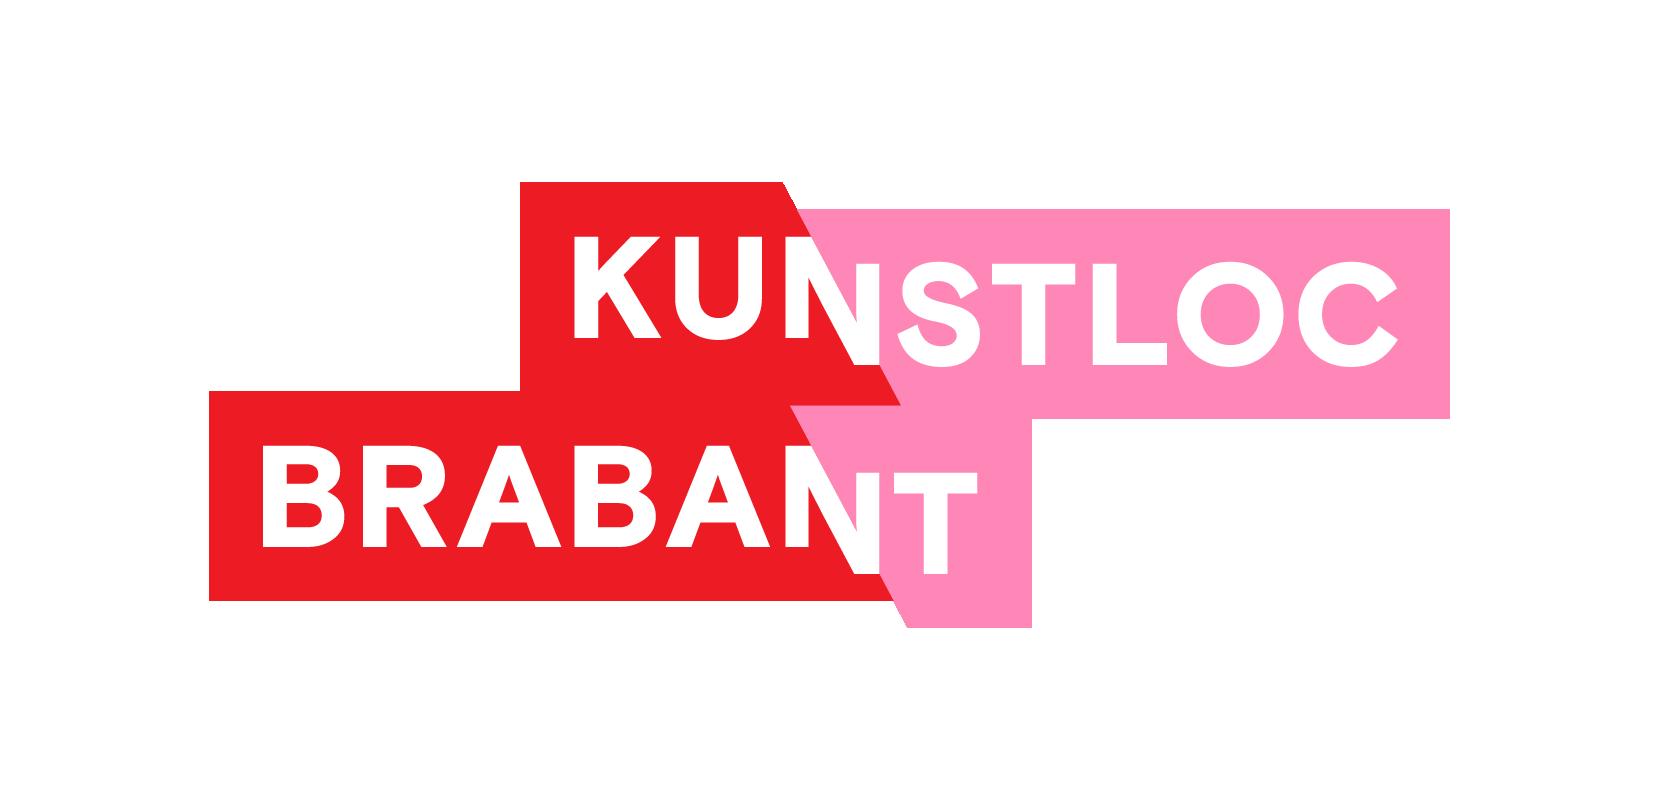 KUNSTLOC_BRABANT_LOGO_RGB_ROOD